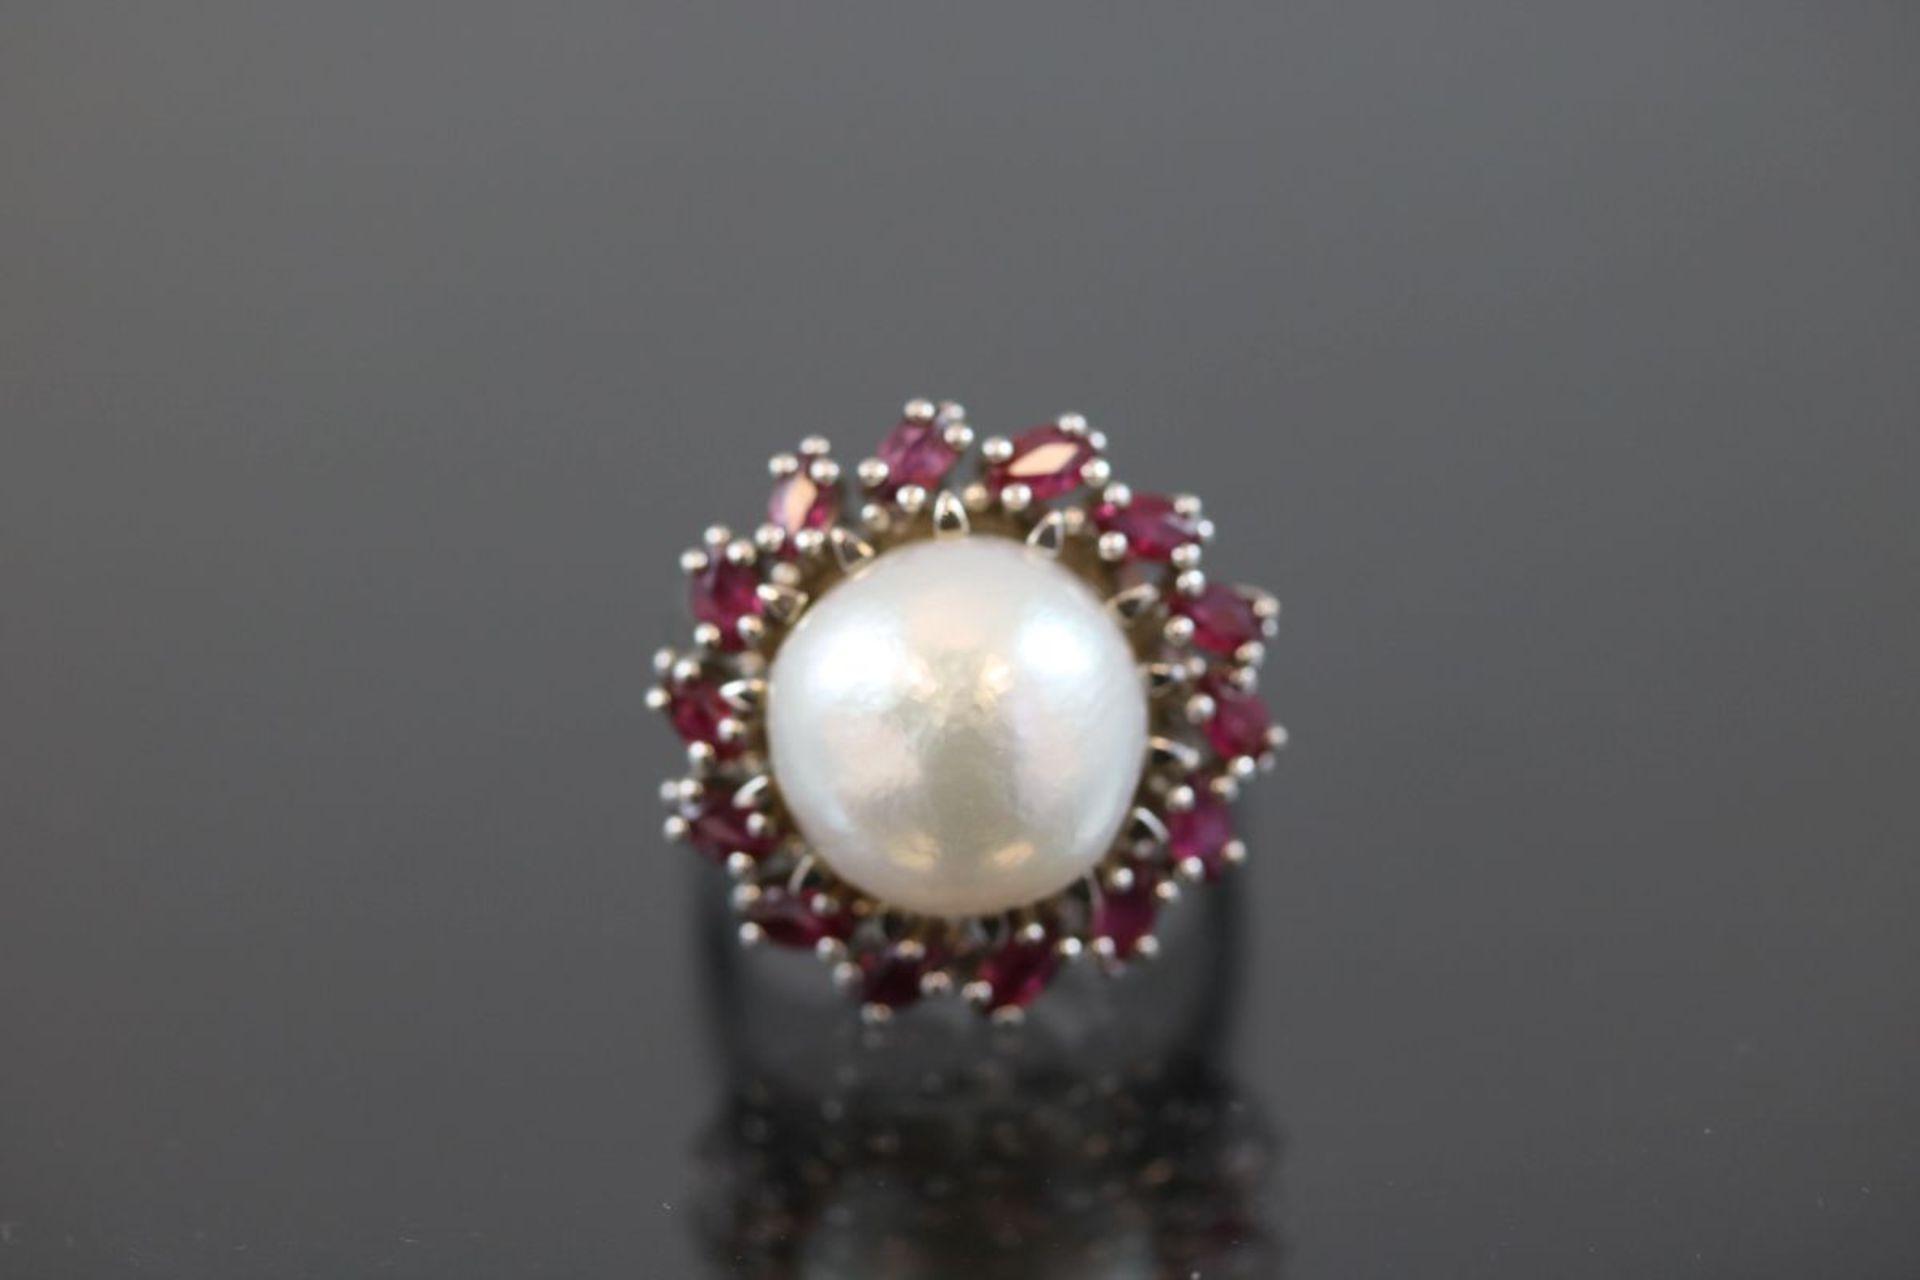 Mabeperl-Rubin-Ring, 585 Weißgold8,75 Gramm 14 Rubine, ca. 1 ct., Ringgröße: 54Schätzpreis: 2200,-